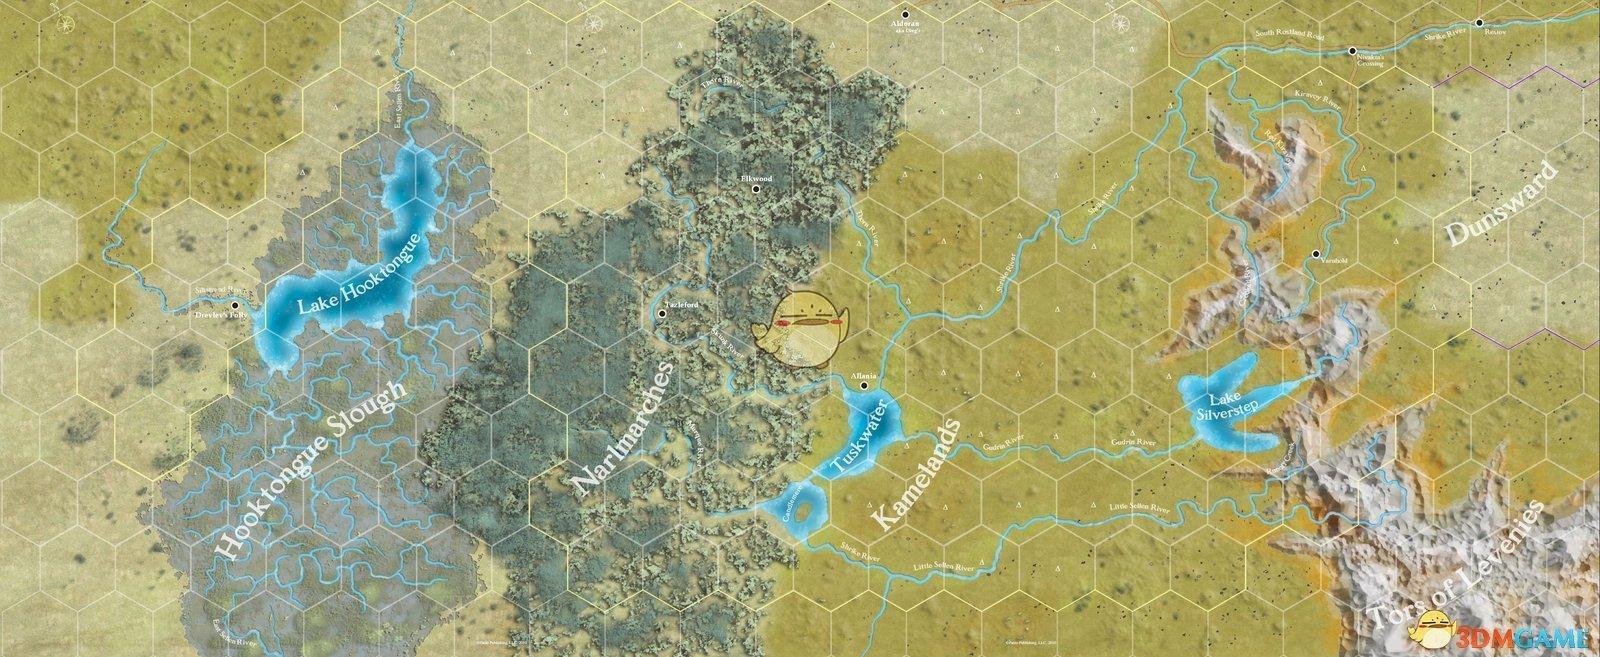 《开拓者:拥王者》地图大小一览